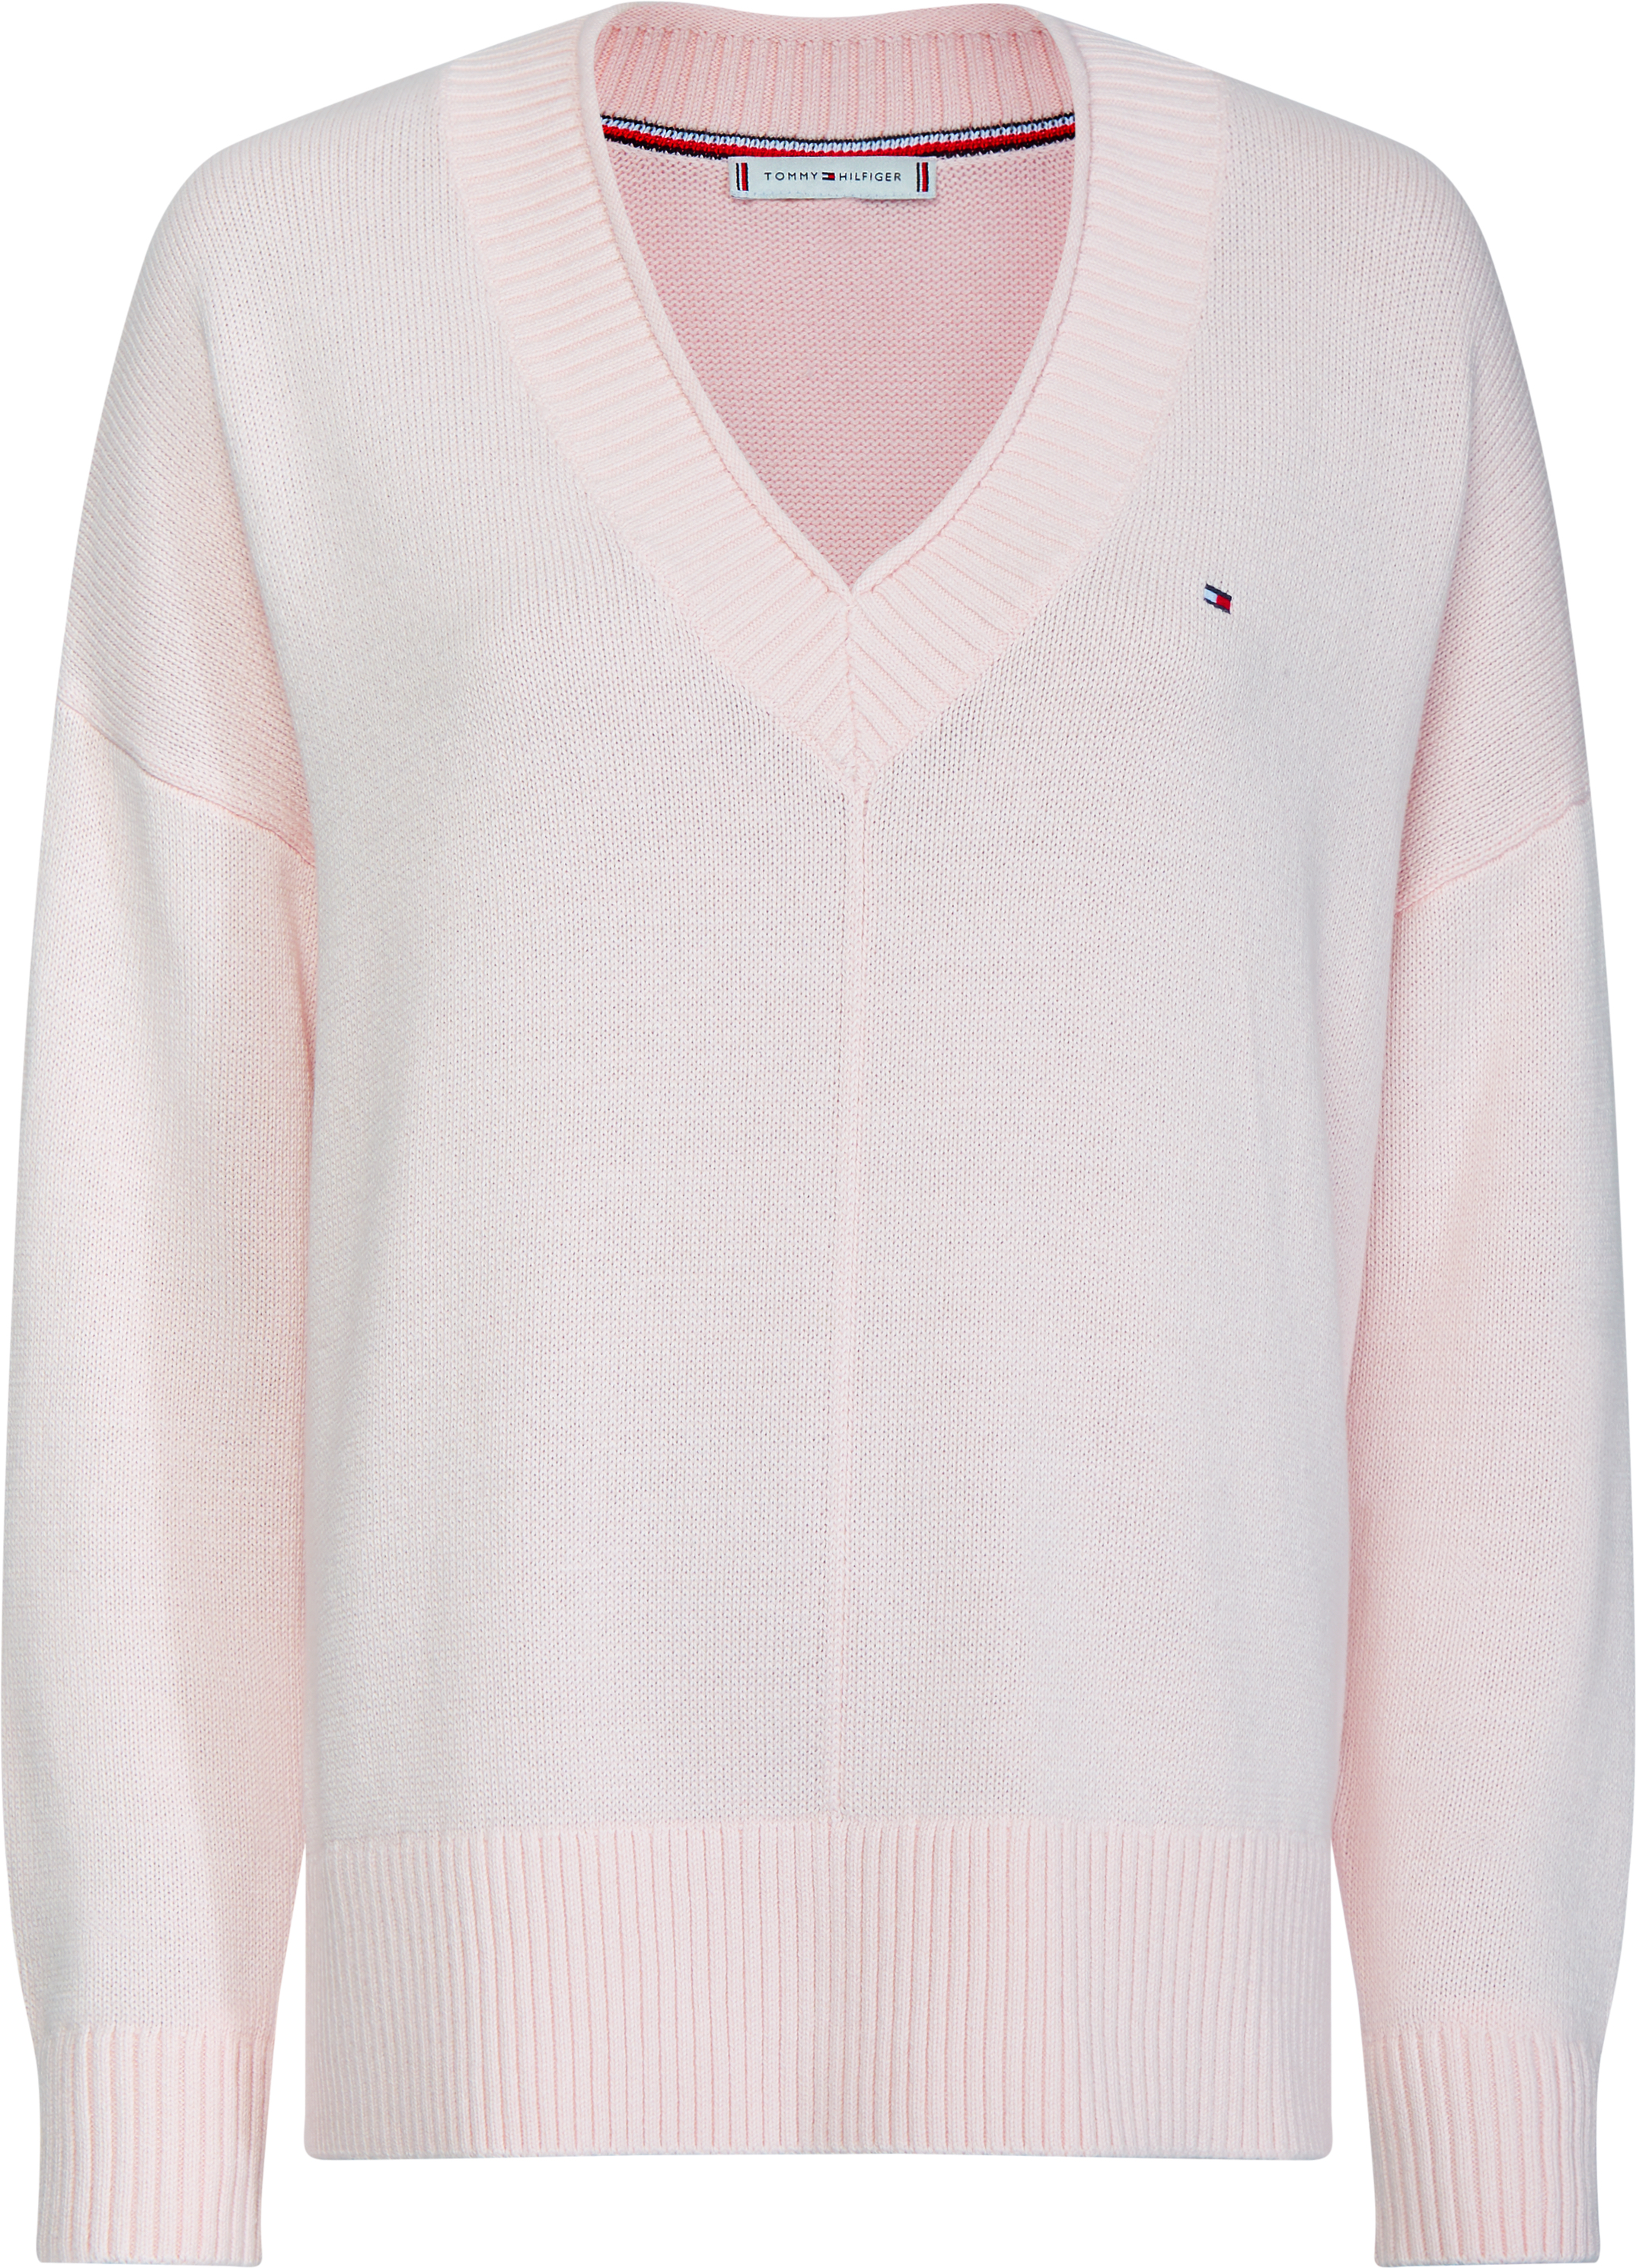 Пуловер 270 лв. Лекото плетиво е верен придружител сезон след сезон, а нежният розов тон и V-образно деколте го правят отличен избор.